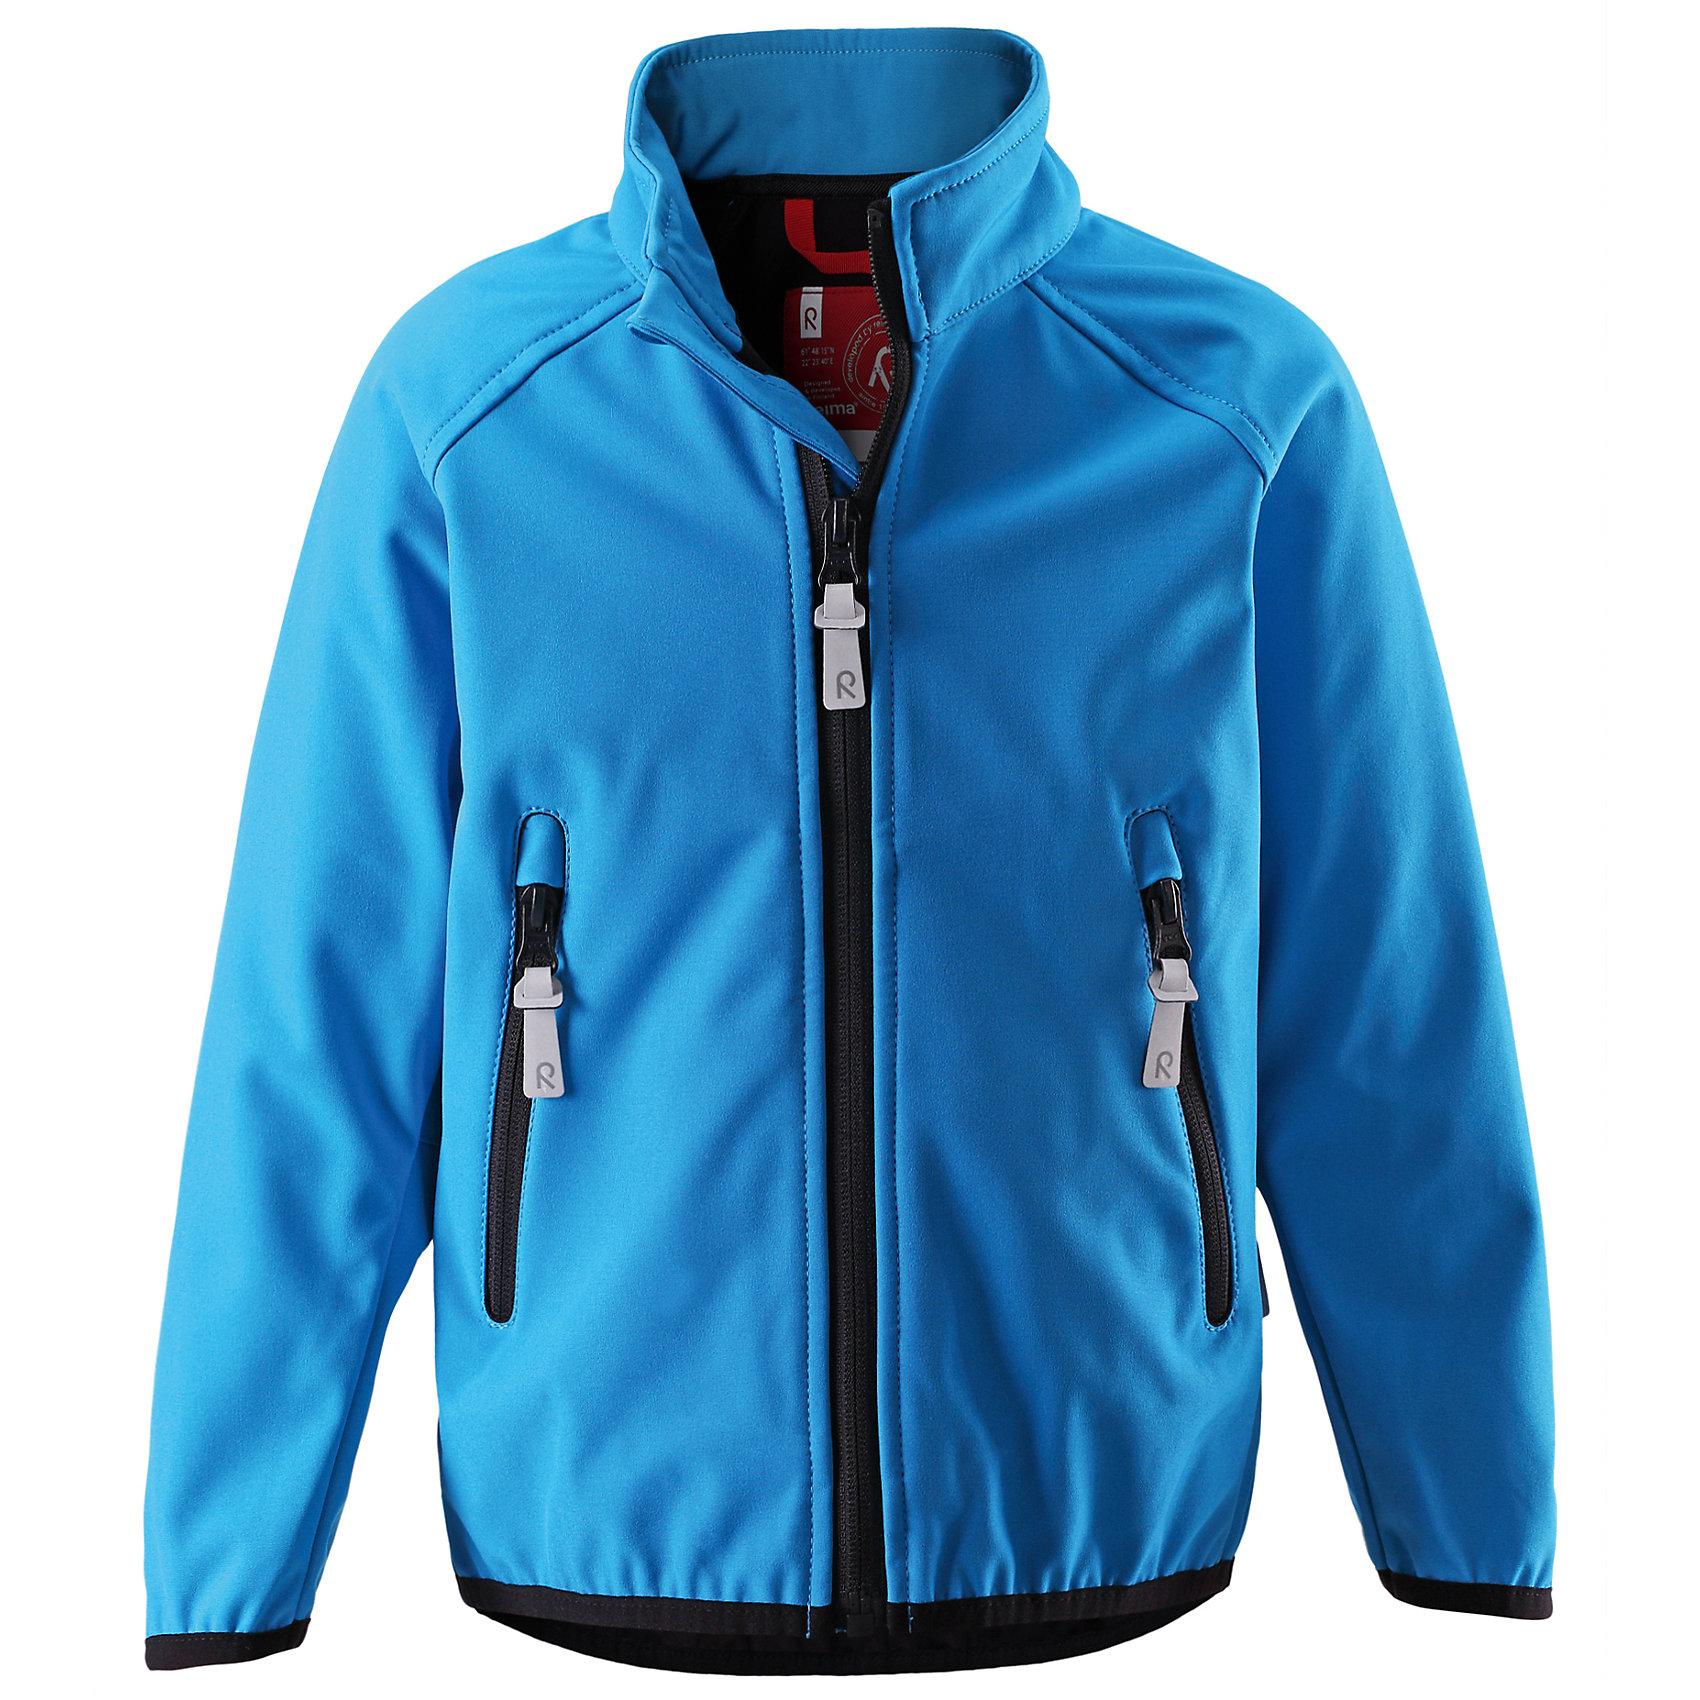 Куртка Soft shell ReimaКуртка Soft shell от финской марки Reima.<br>Куртка из материала softshell для детей и подростков. Из ветронепроницаемого материала, но изделие «дышит». Эластичная резинка на воротнике, манжетах и подоле. Карманы на молнии.<br>Состав:<br>96% ПЭ 4% ЭЛ, ПУ-ламинация<br><br>Ширина мм: 356<br>Глубина мм: 10<br>Высота мм: 245<br>Вес г: 519<br>Цвет: голубой<br>Возраст от месяцев: 84<br>Возраст до месяцев: 96<br>Пол: Унисекс<br>Возраст: Детский<br>Размер: 128,158,122,140,152,146,134,110<br>SKU: 4653136